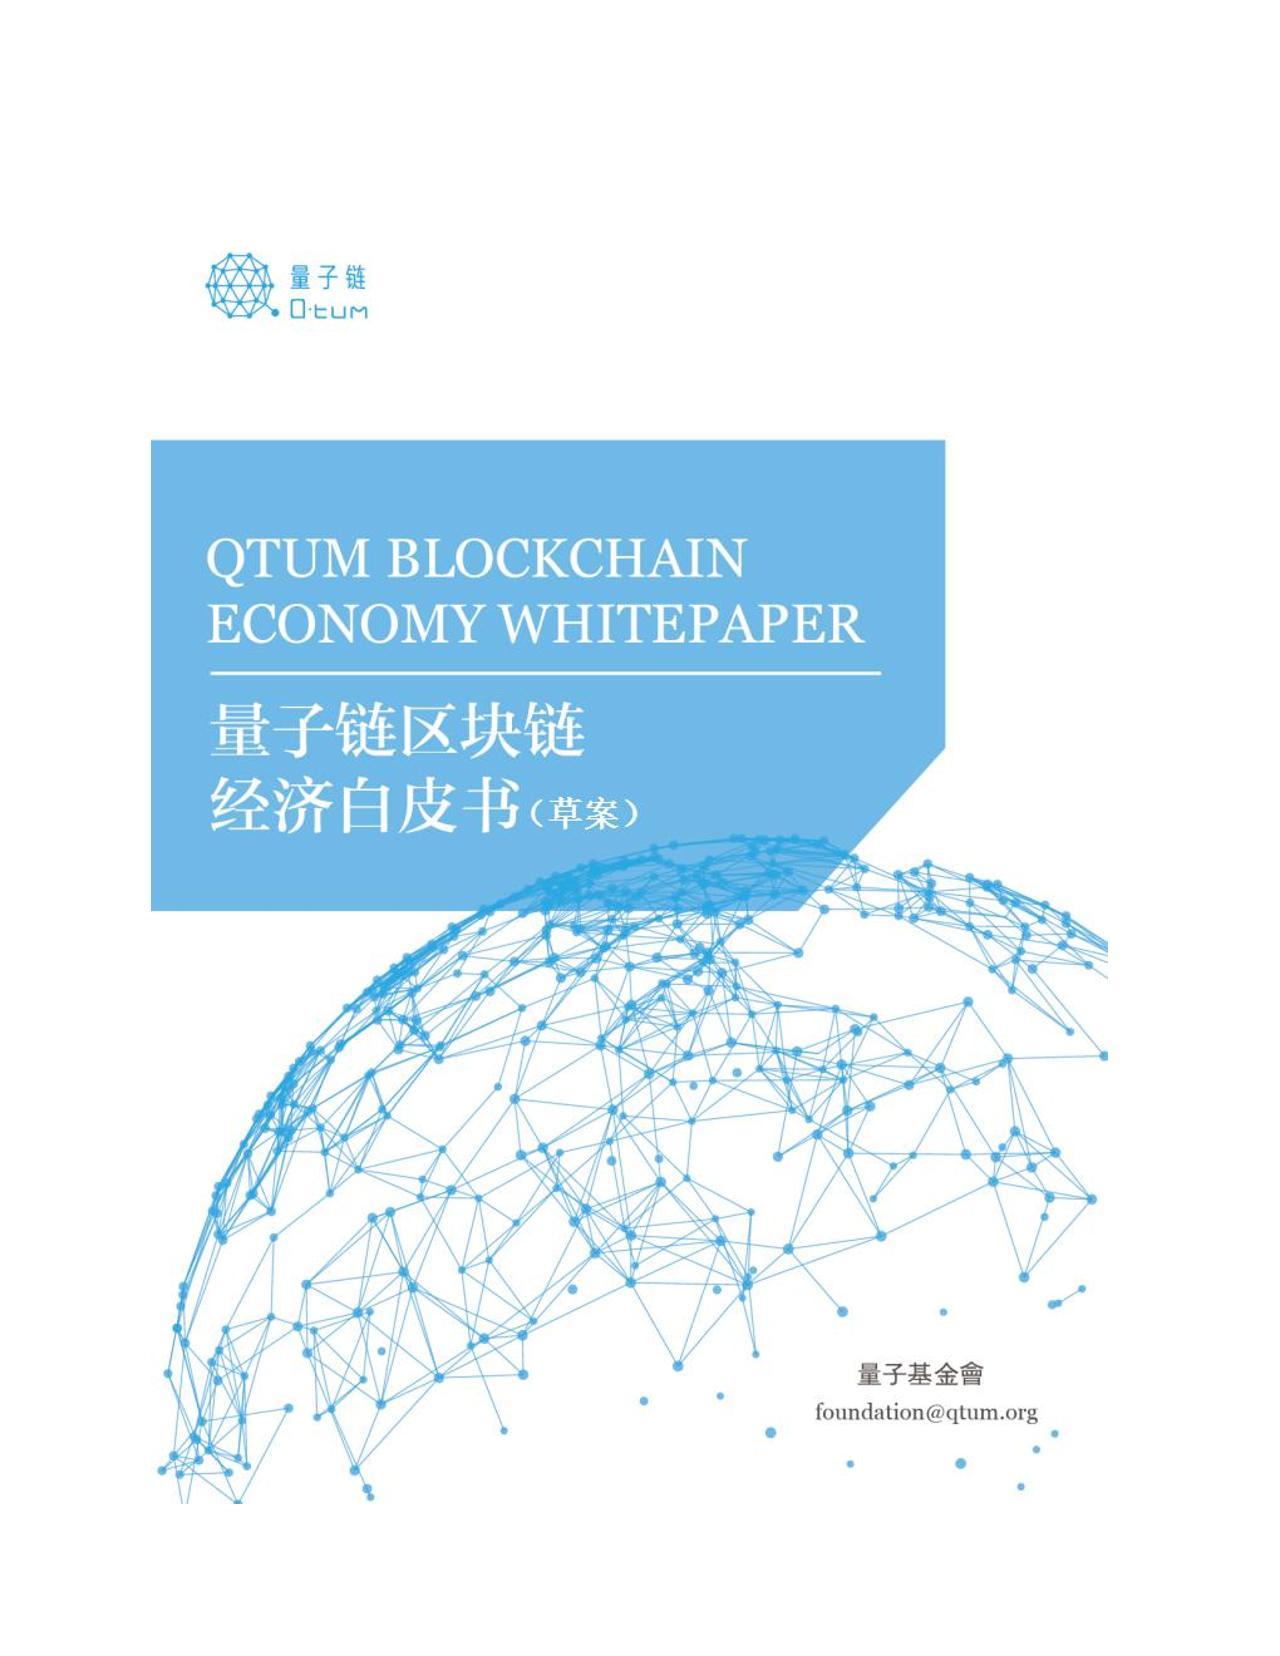 量子鏈區塊鏈白皮書+金融互聯網等-undefined